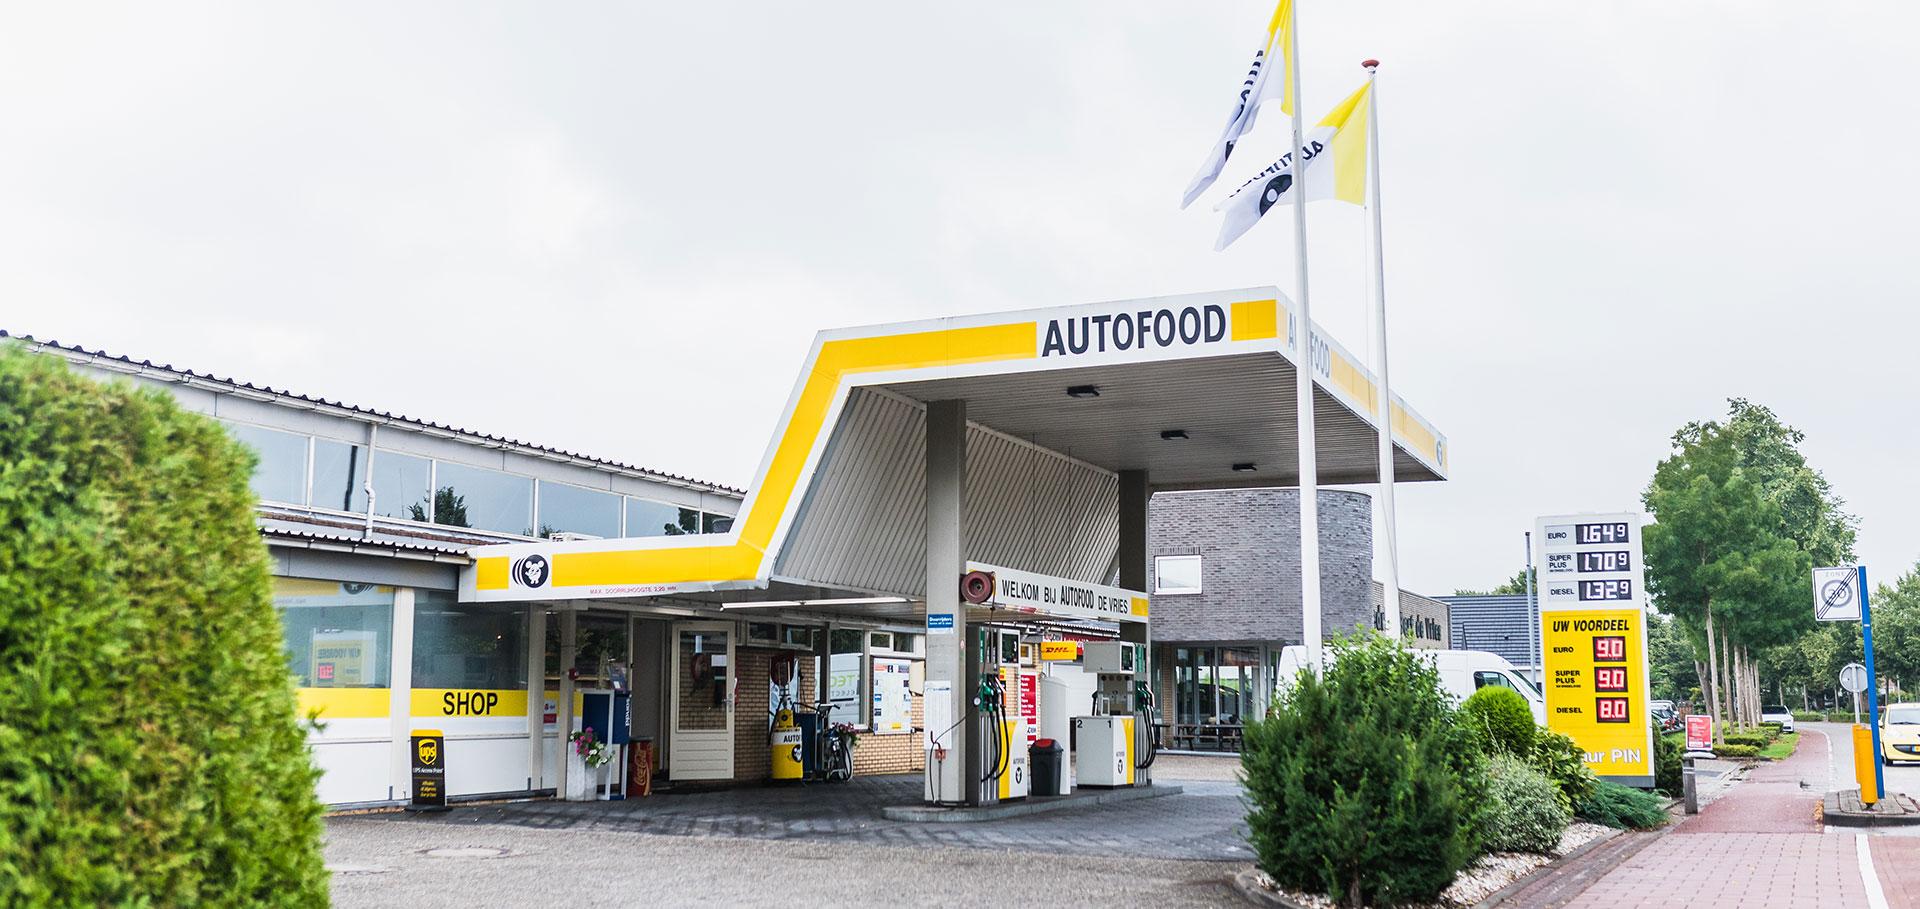 Autofood tankstation Autobedrijf Bert de Vries